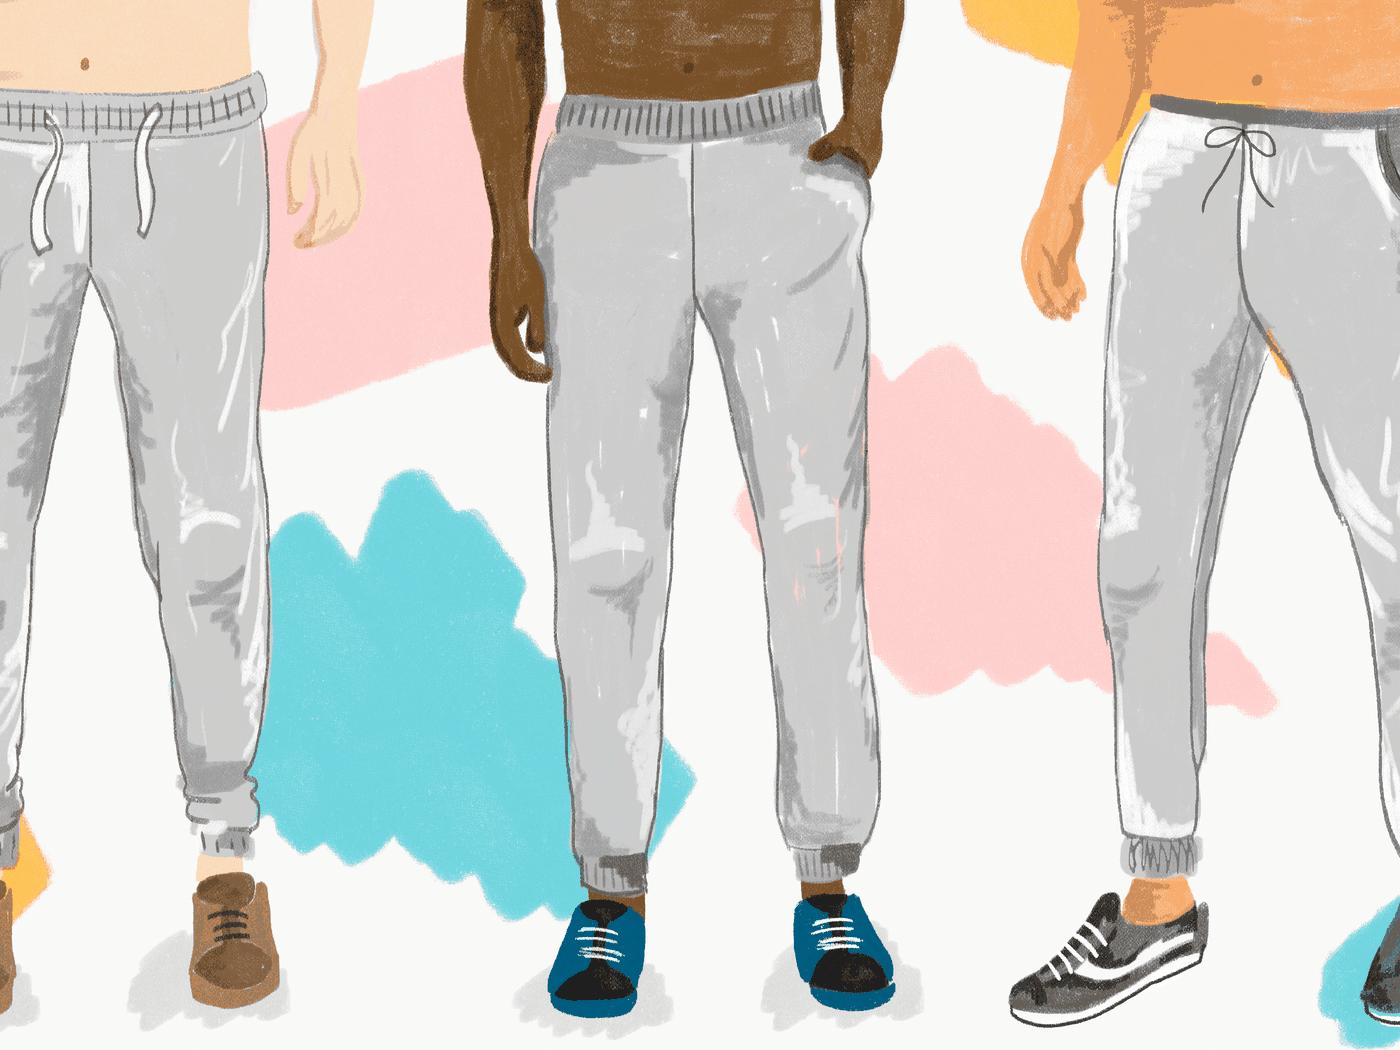 204aafb417 Gray sweatpants season, explained - Vox